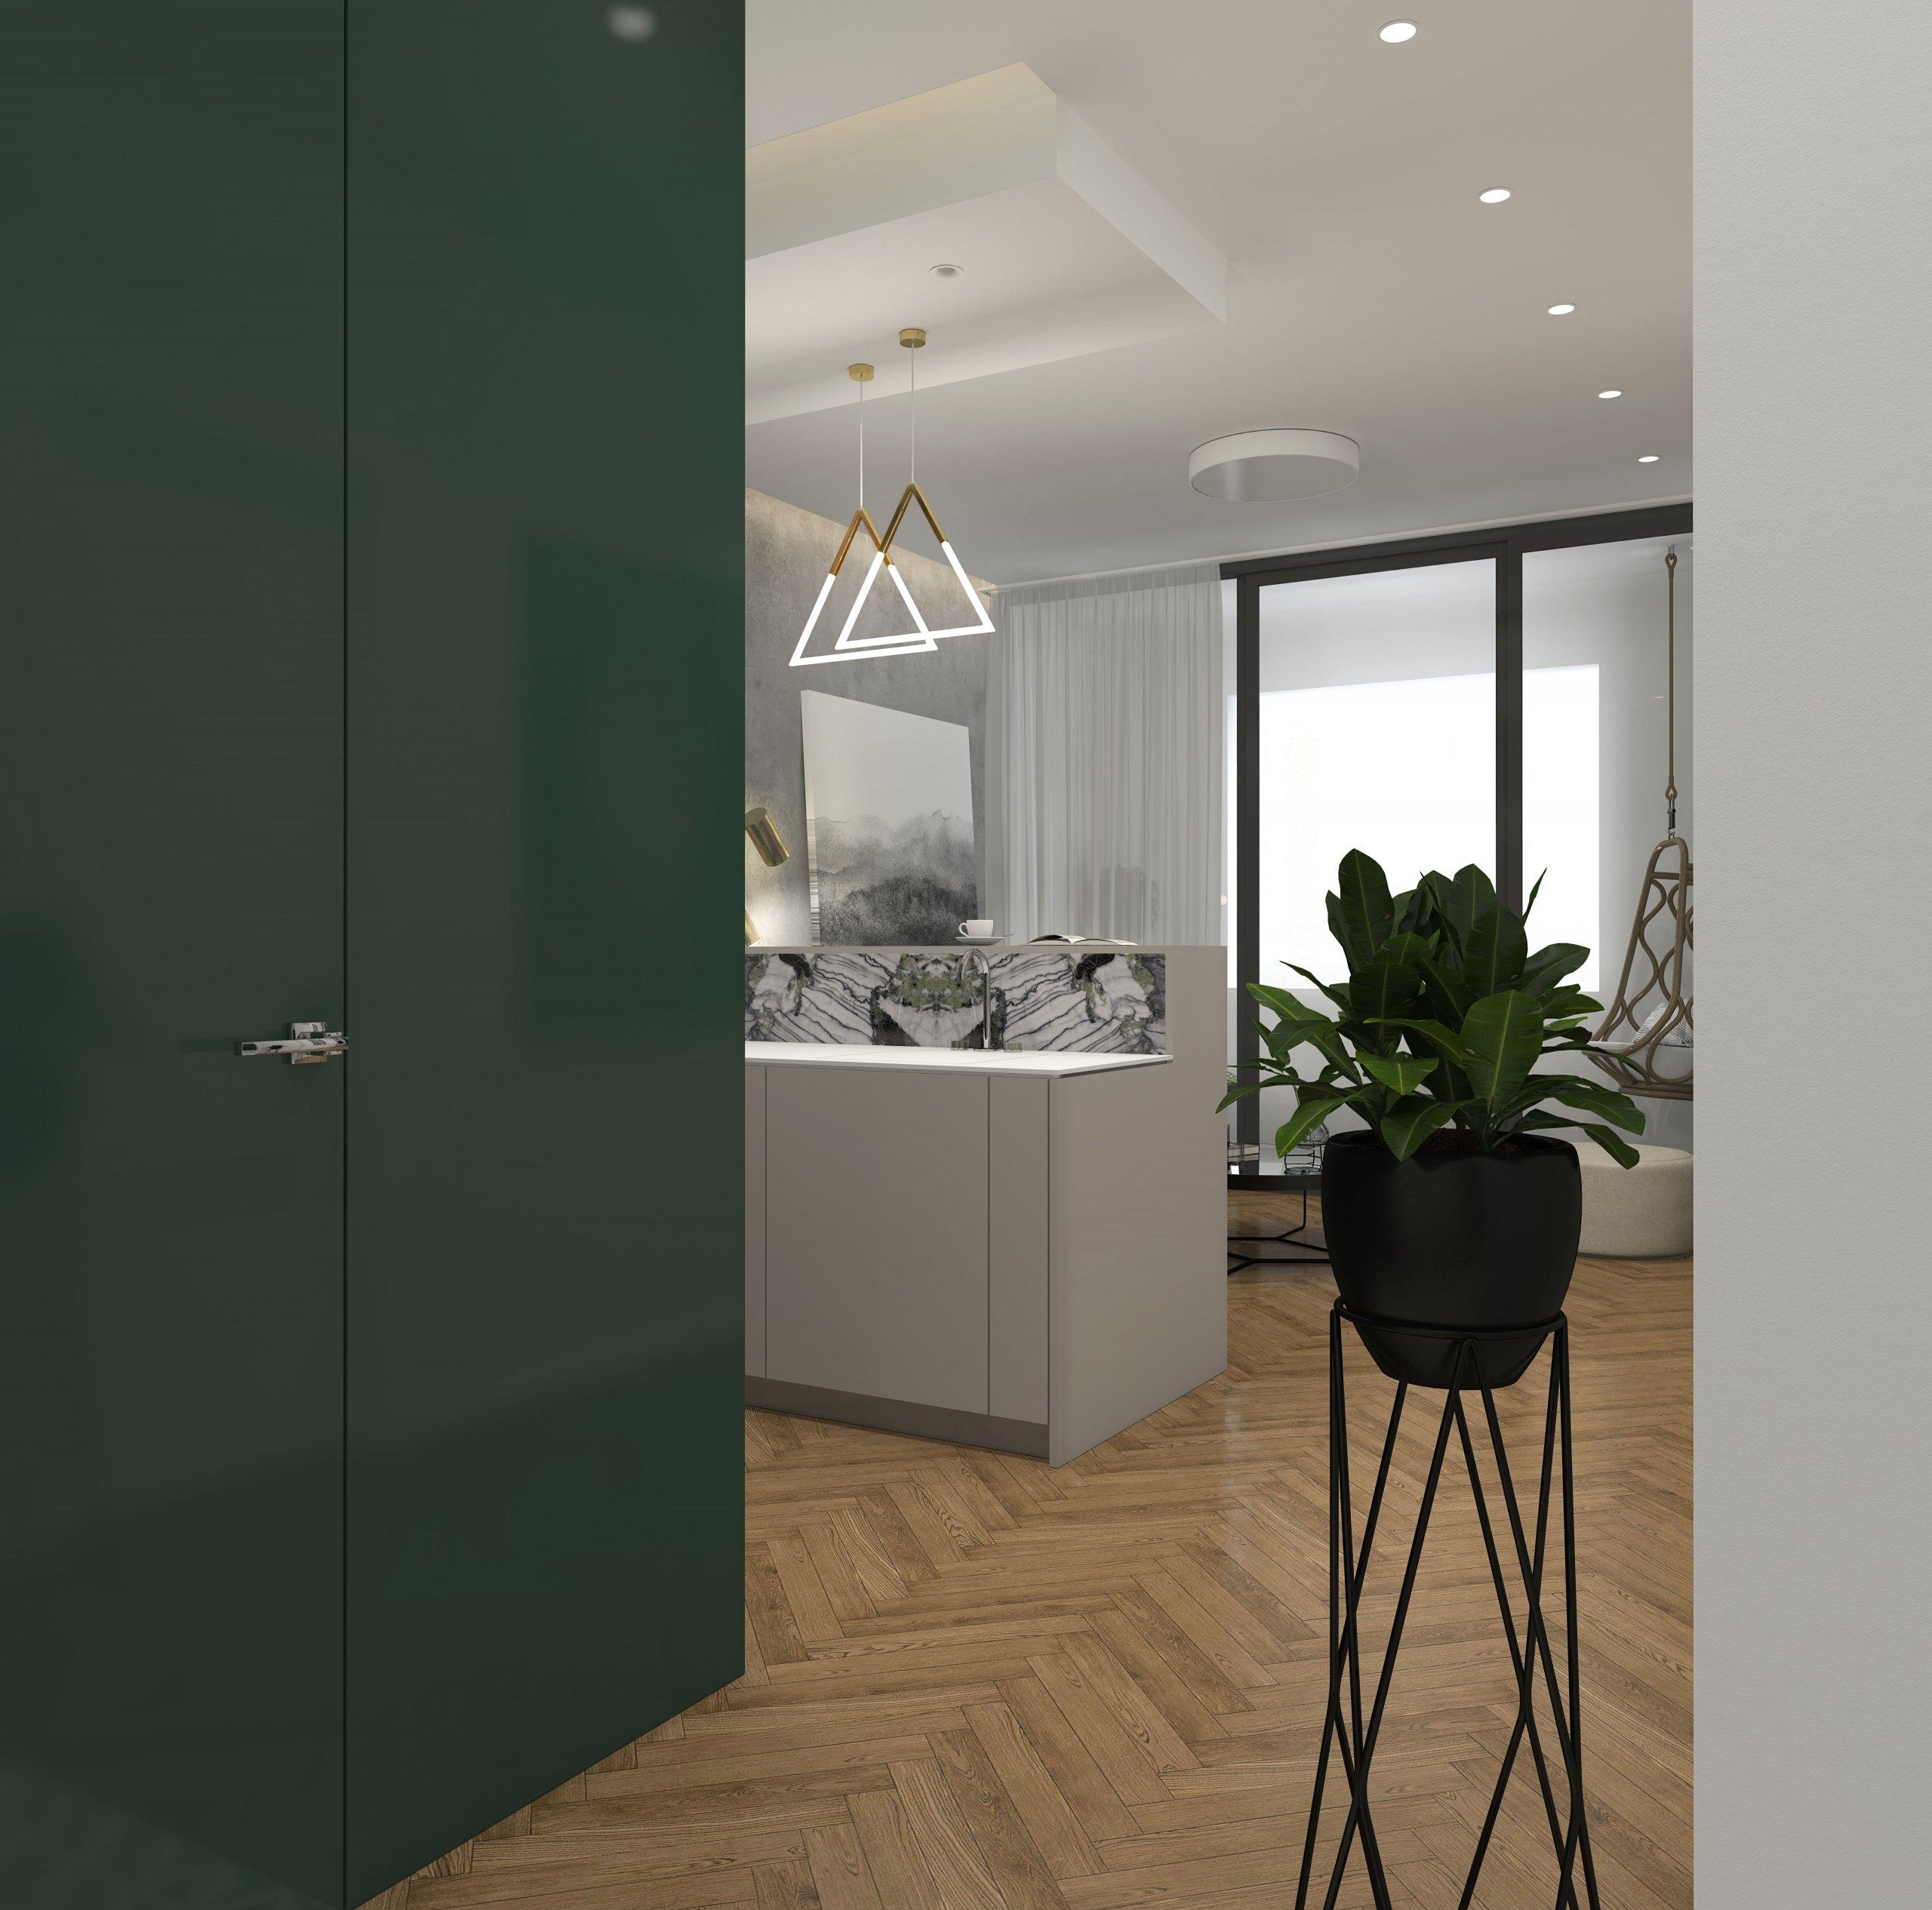 Špecificky navrhnutý 2 izbový byt v novostave v starom meste Bratislavy pre mladého muža. Drevo, kameň, sklo, lakovaný nábytok dizajnové solitéry a…